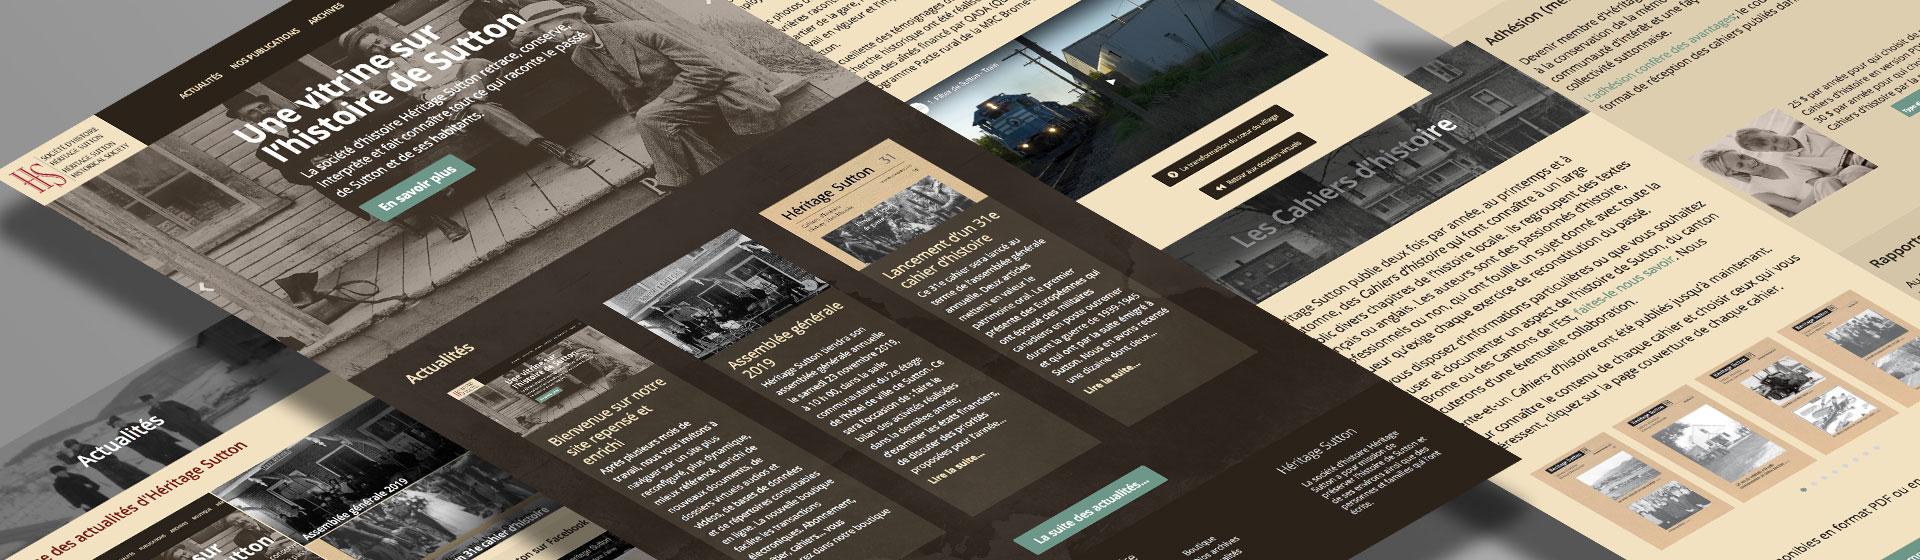 Site Web de Société d'histoire Héritage Sutton par two humans